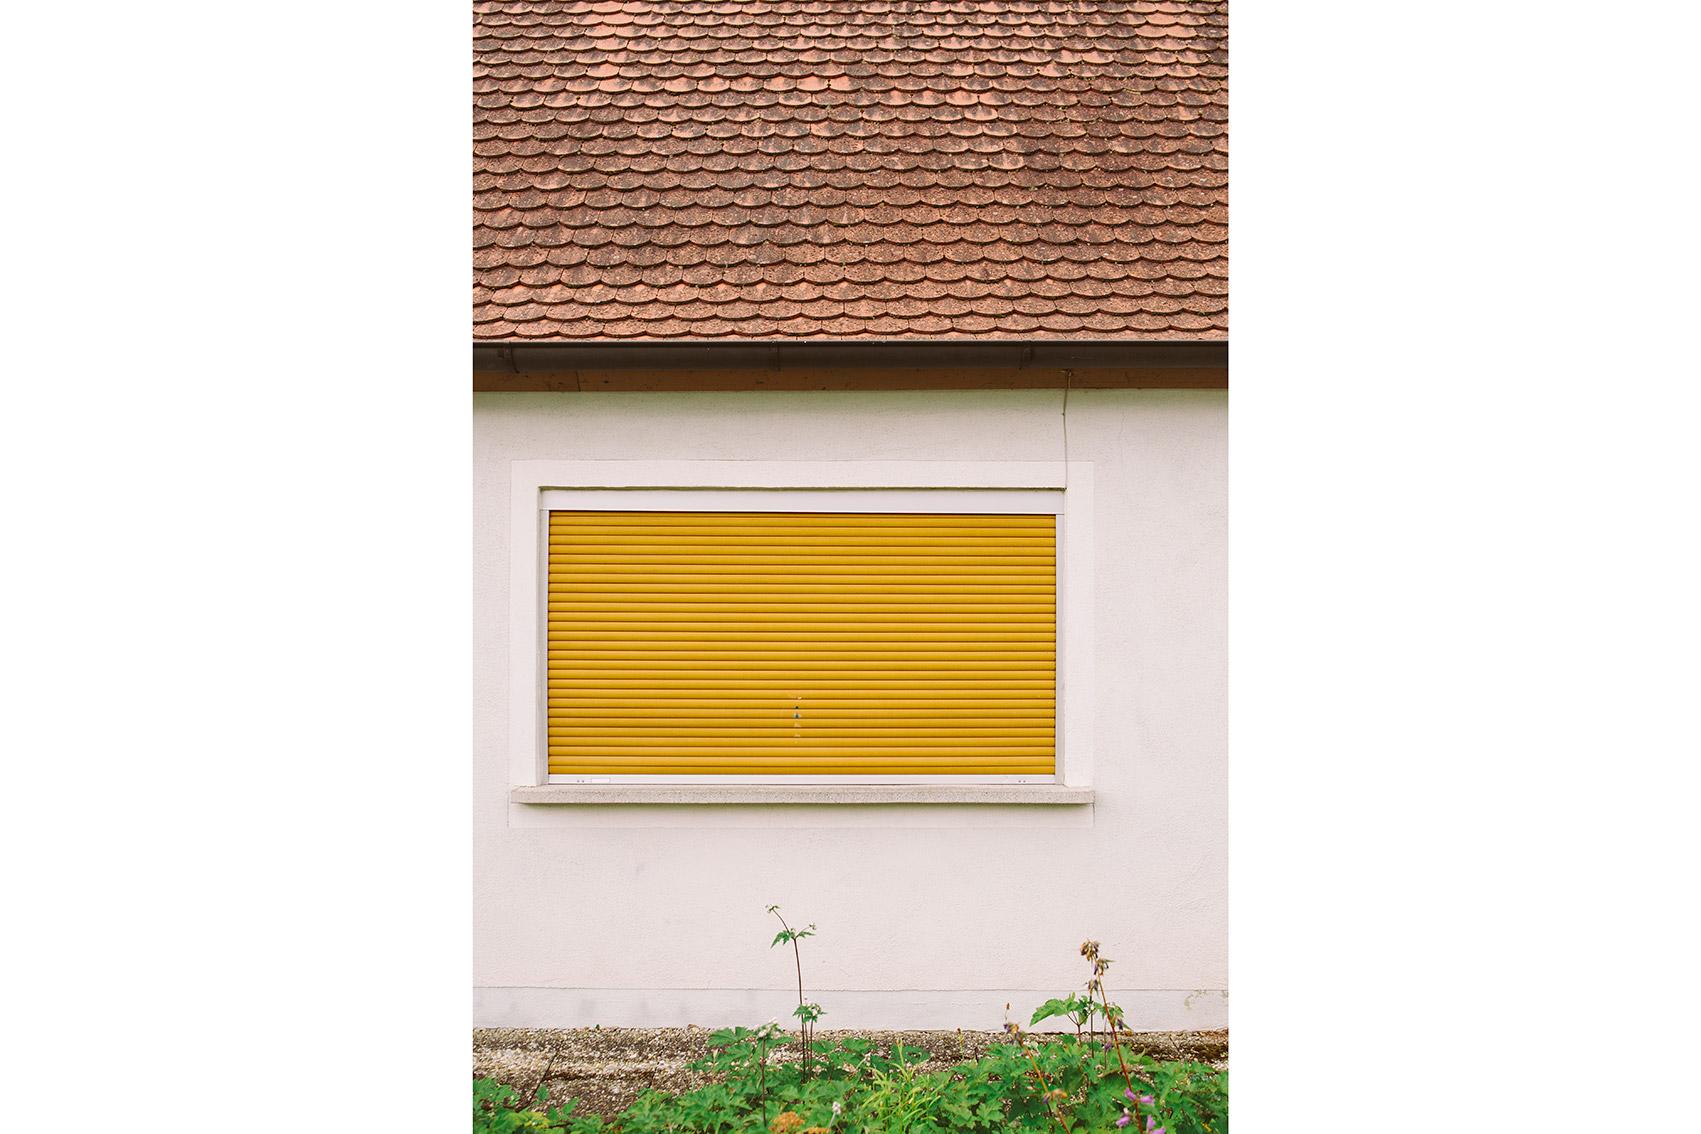 Fotoausstellung-in-München